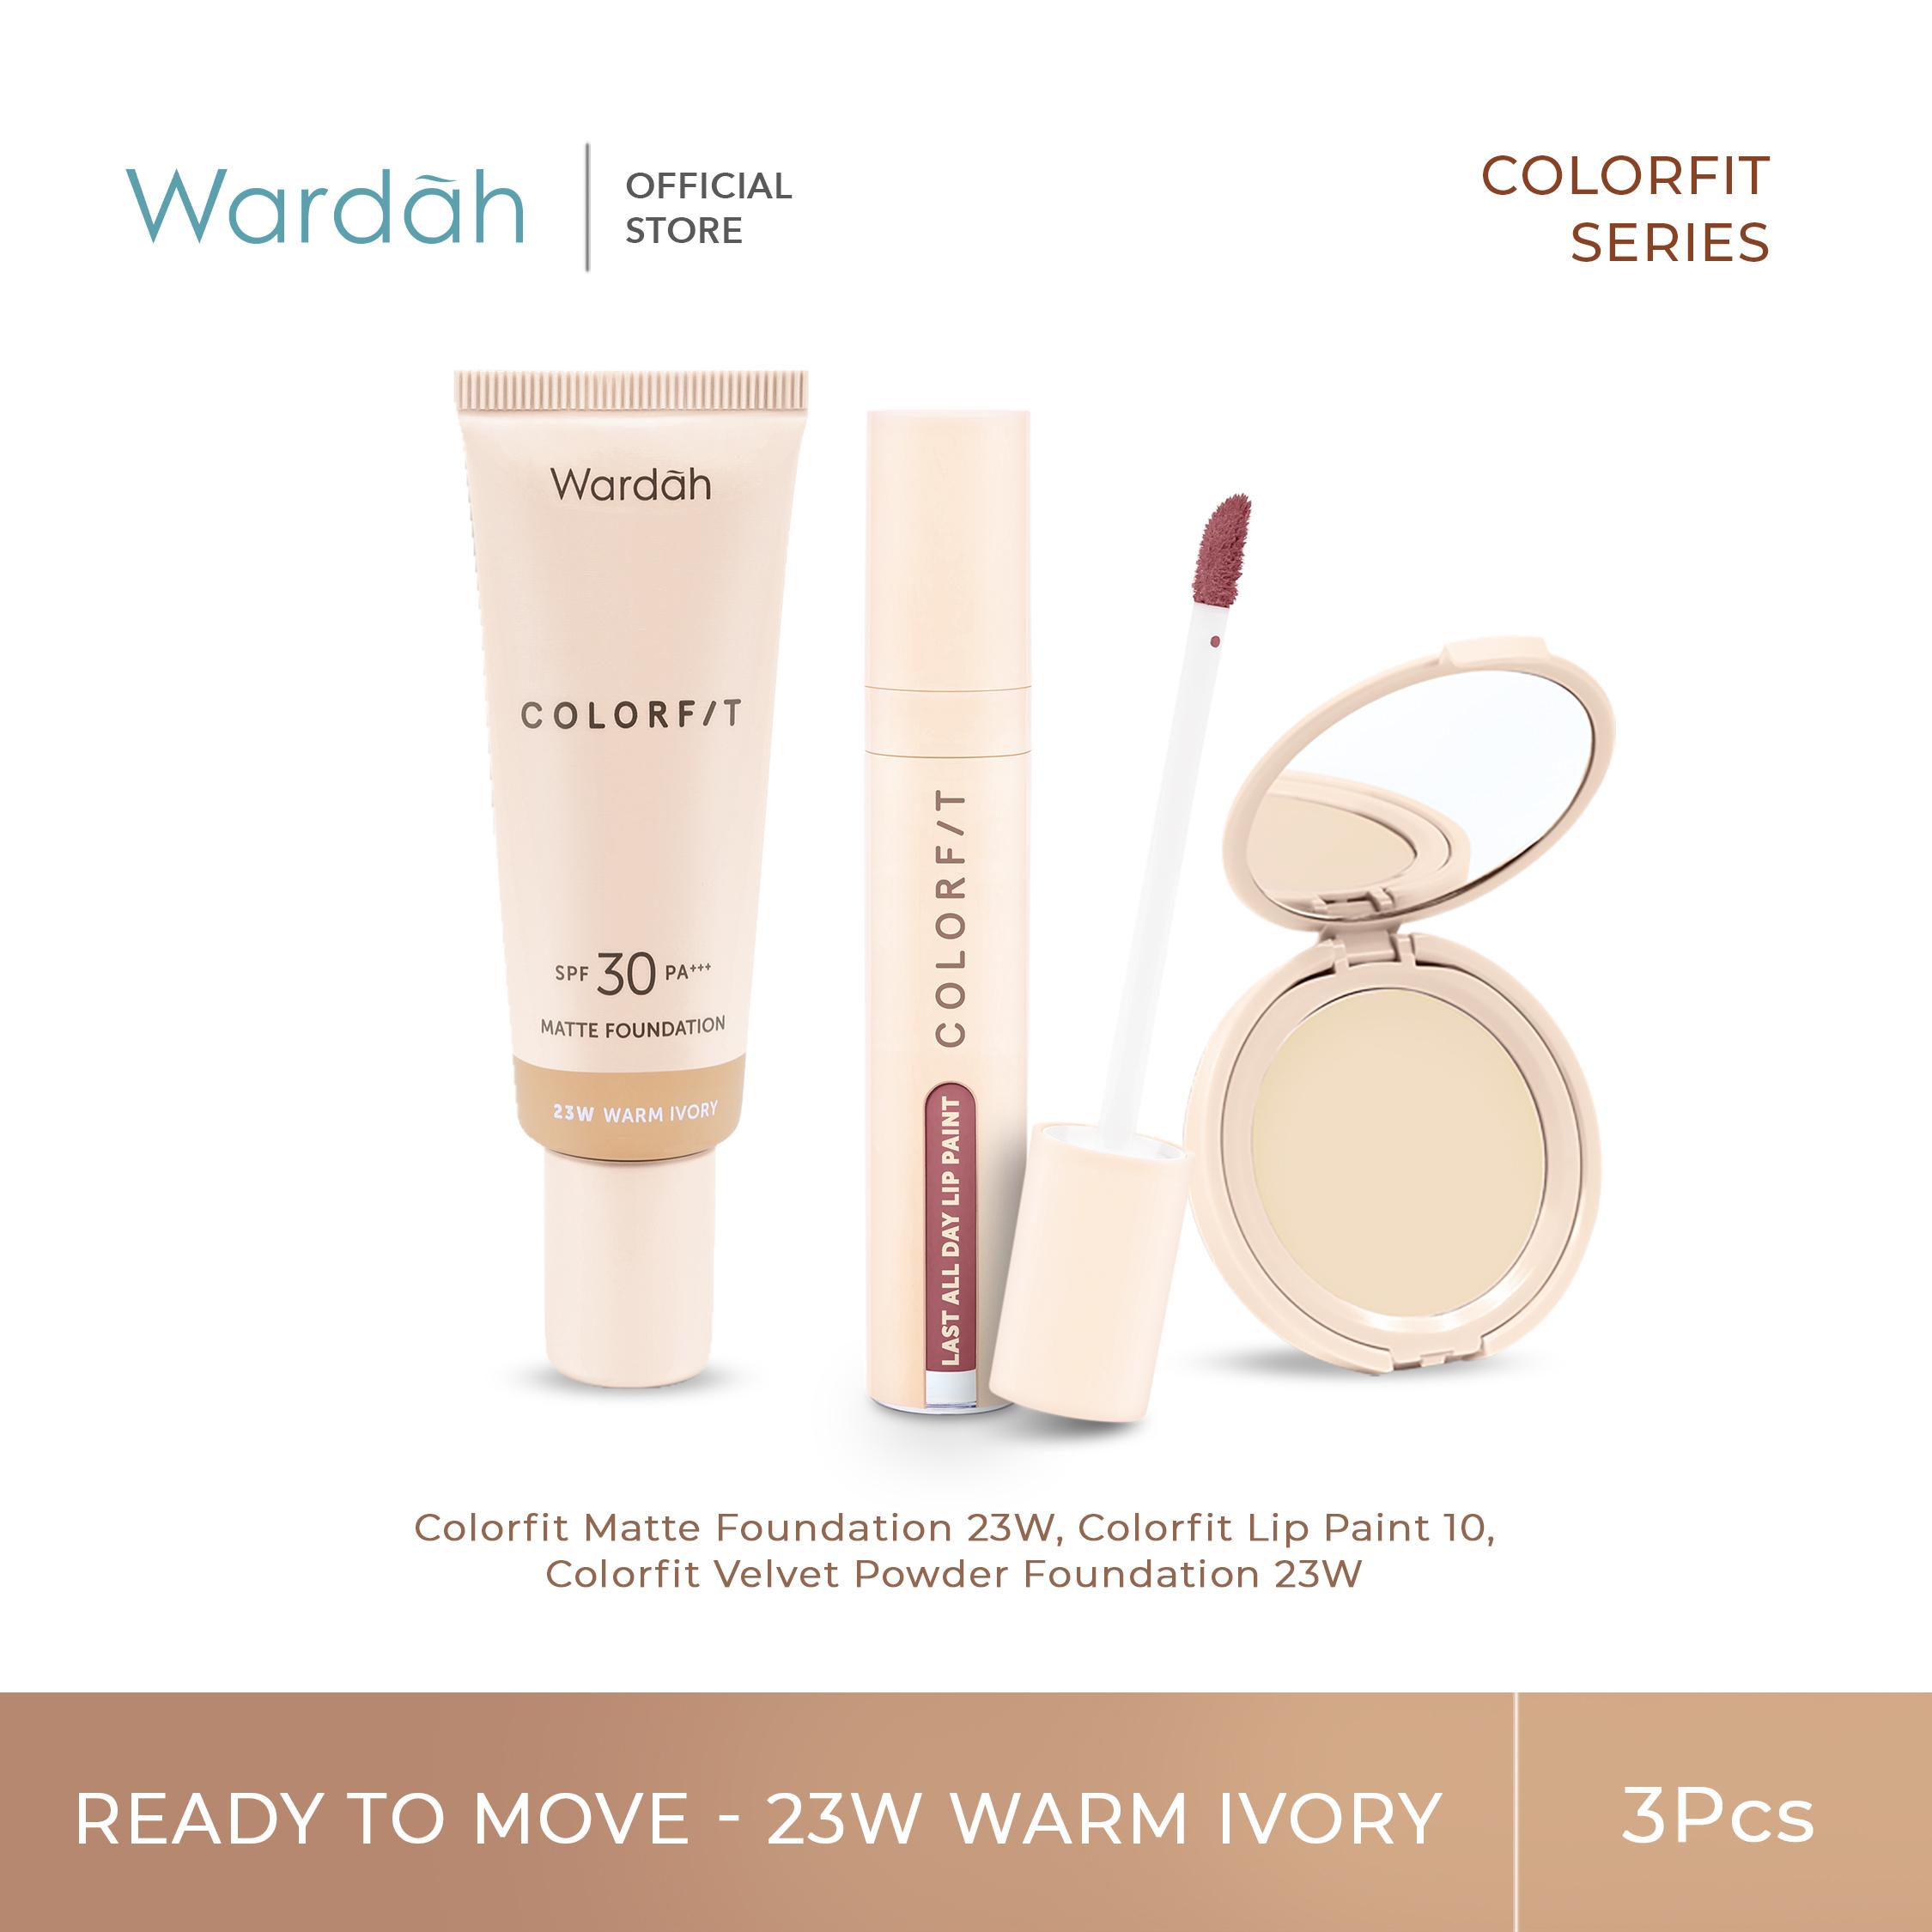 Ready to Move - 23W Warm Ivory